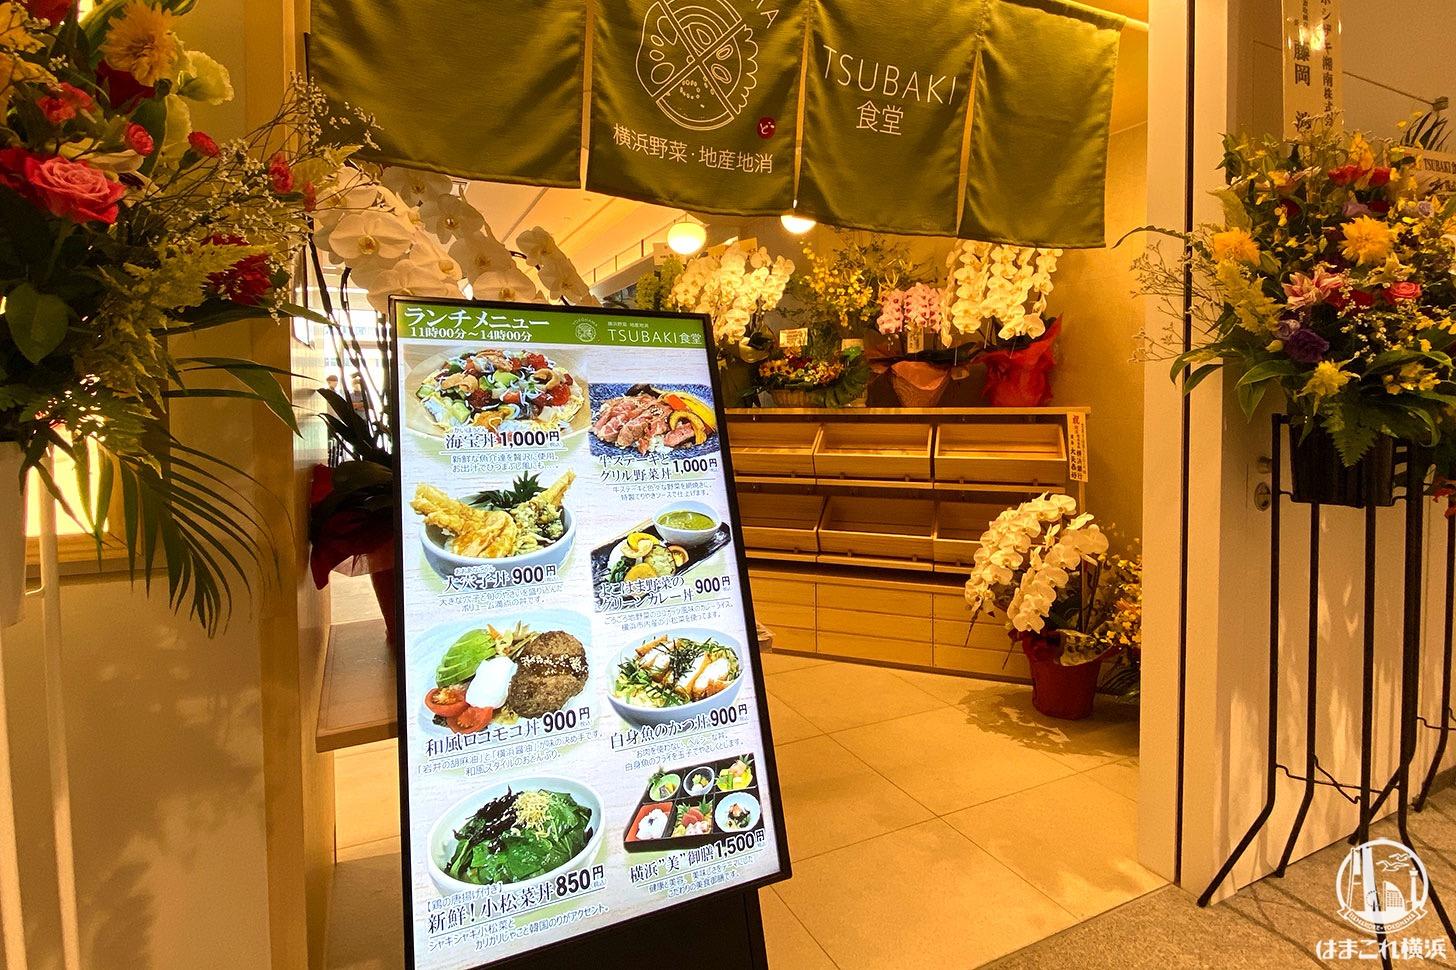 ラクシスフロント 2階飲食店「TSUBAKI食堂」